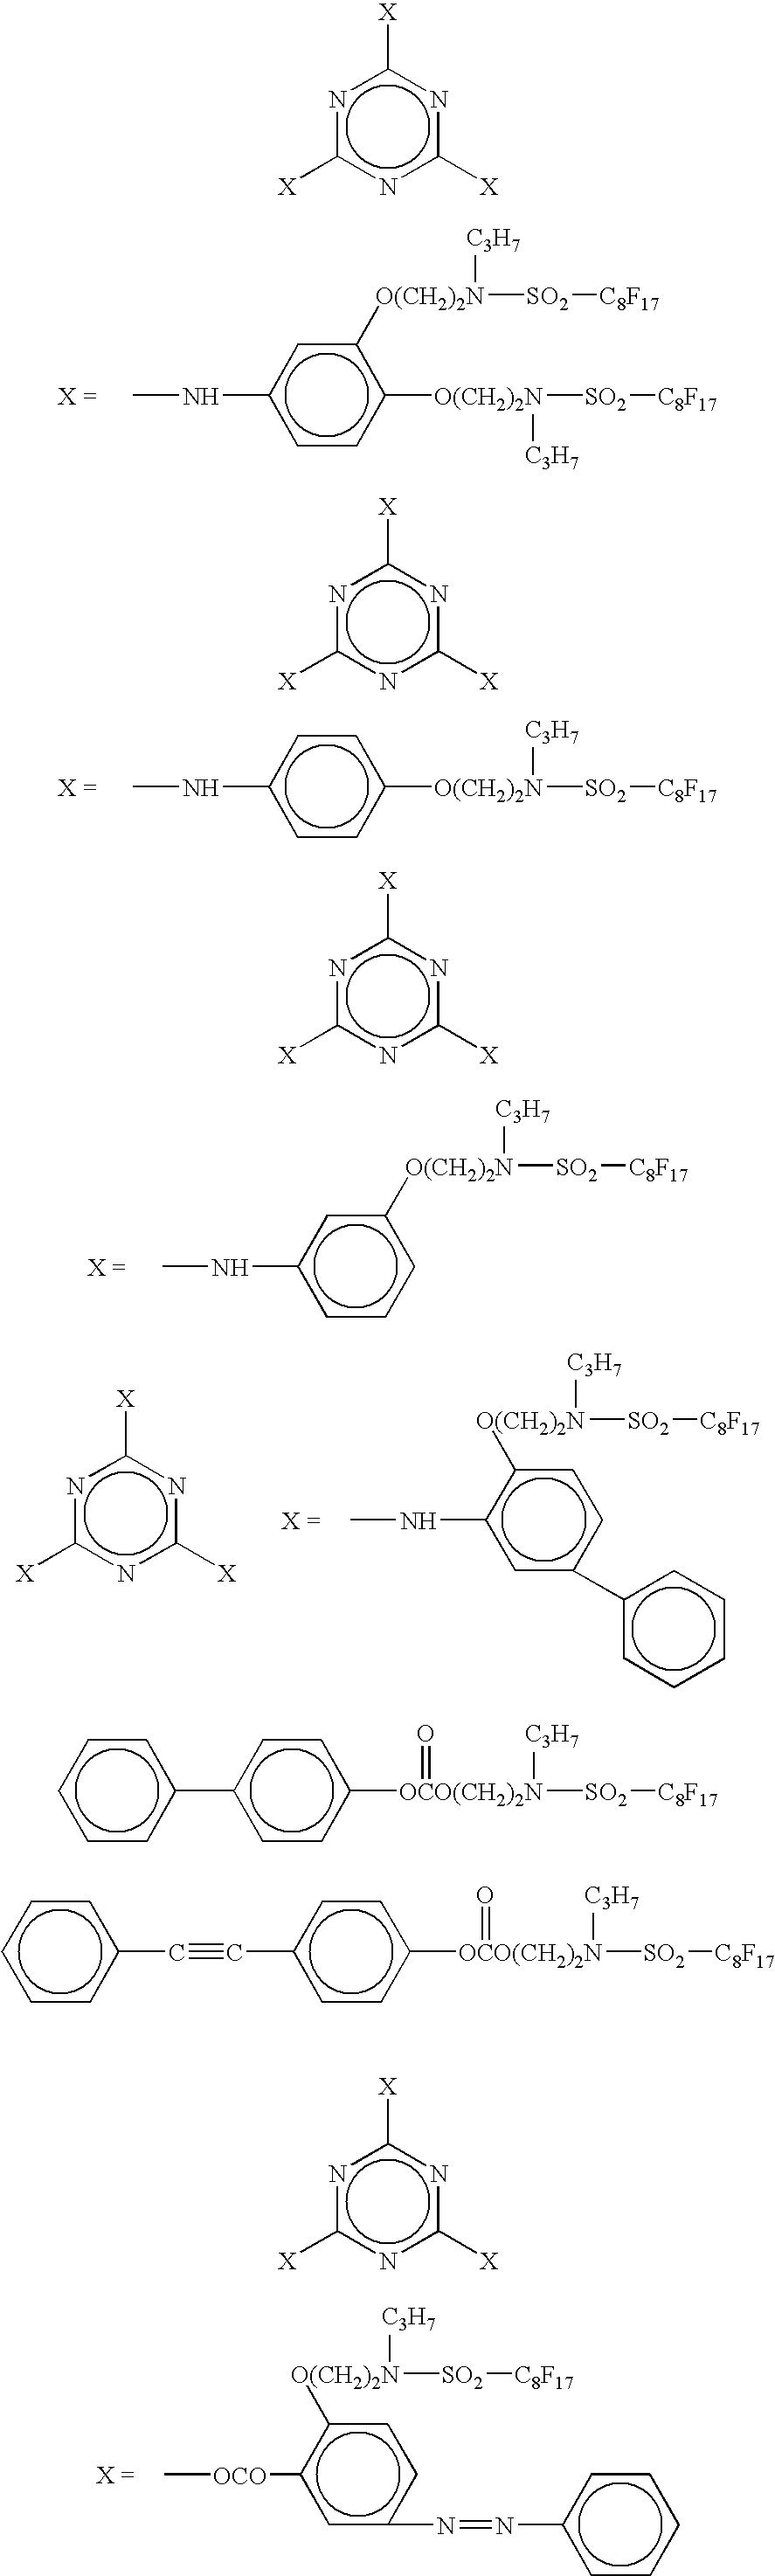 Figure US20050127326A1-20050616-C00011